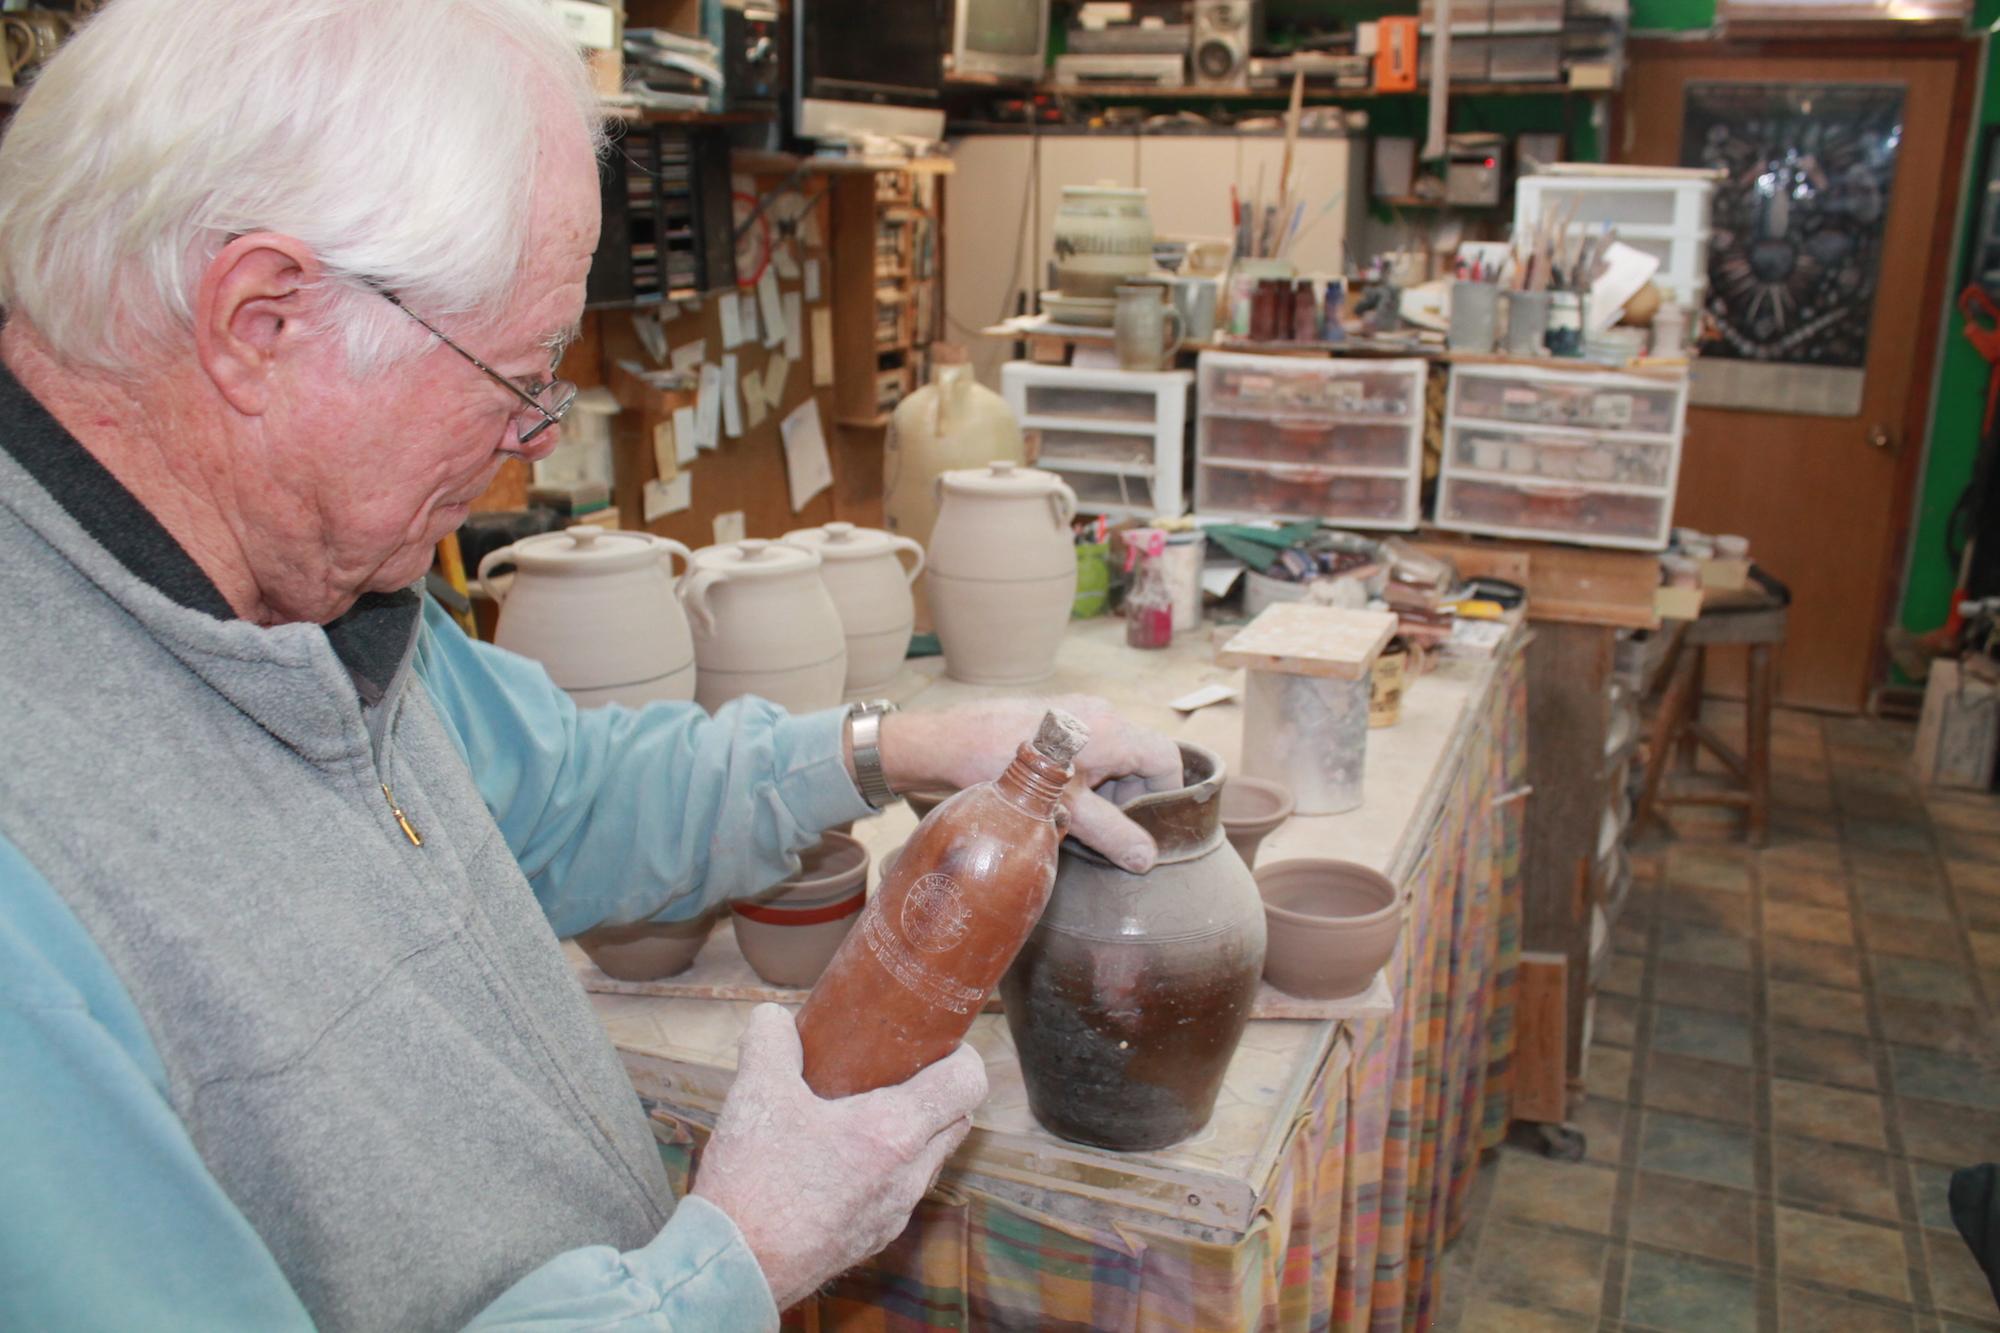 Huebner holds a nineteenth century salt fired German-made ceramic beer bottle.